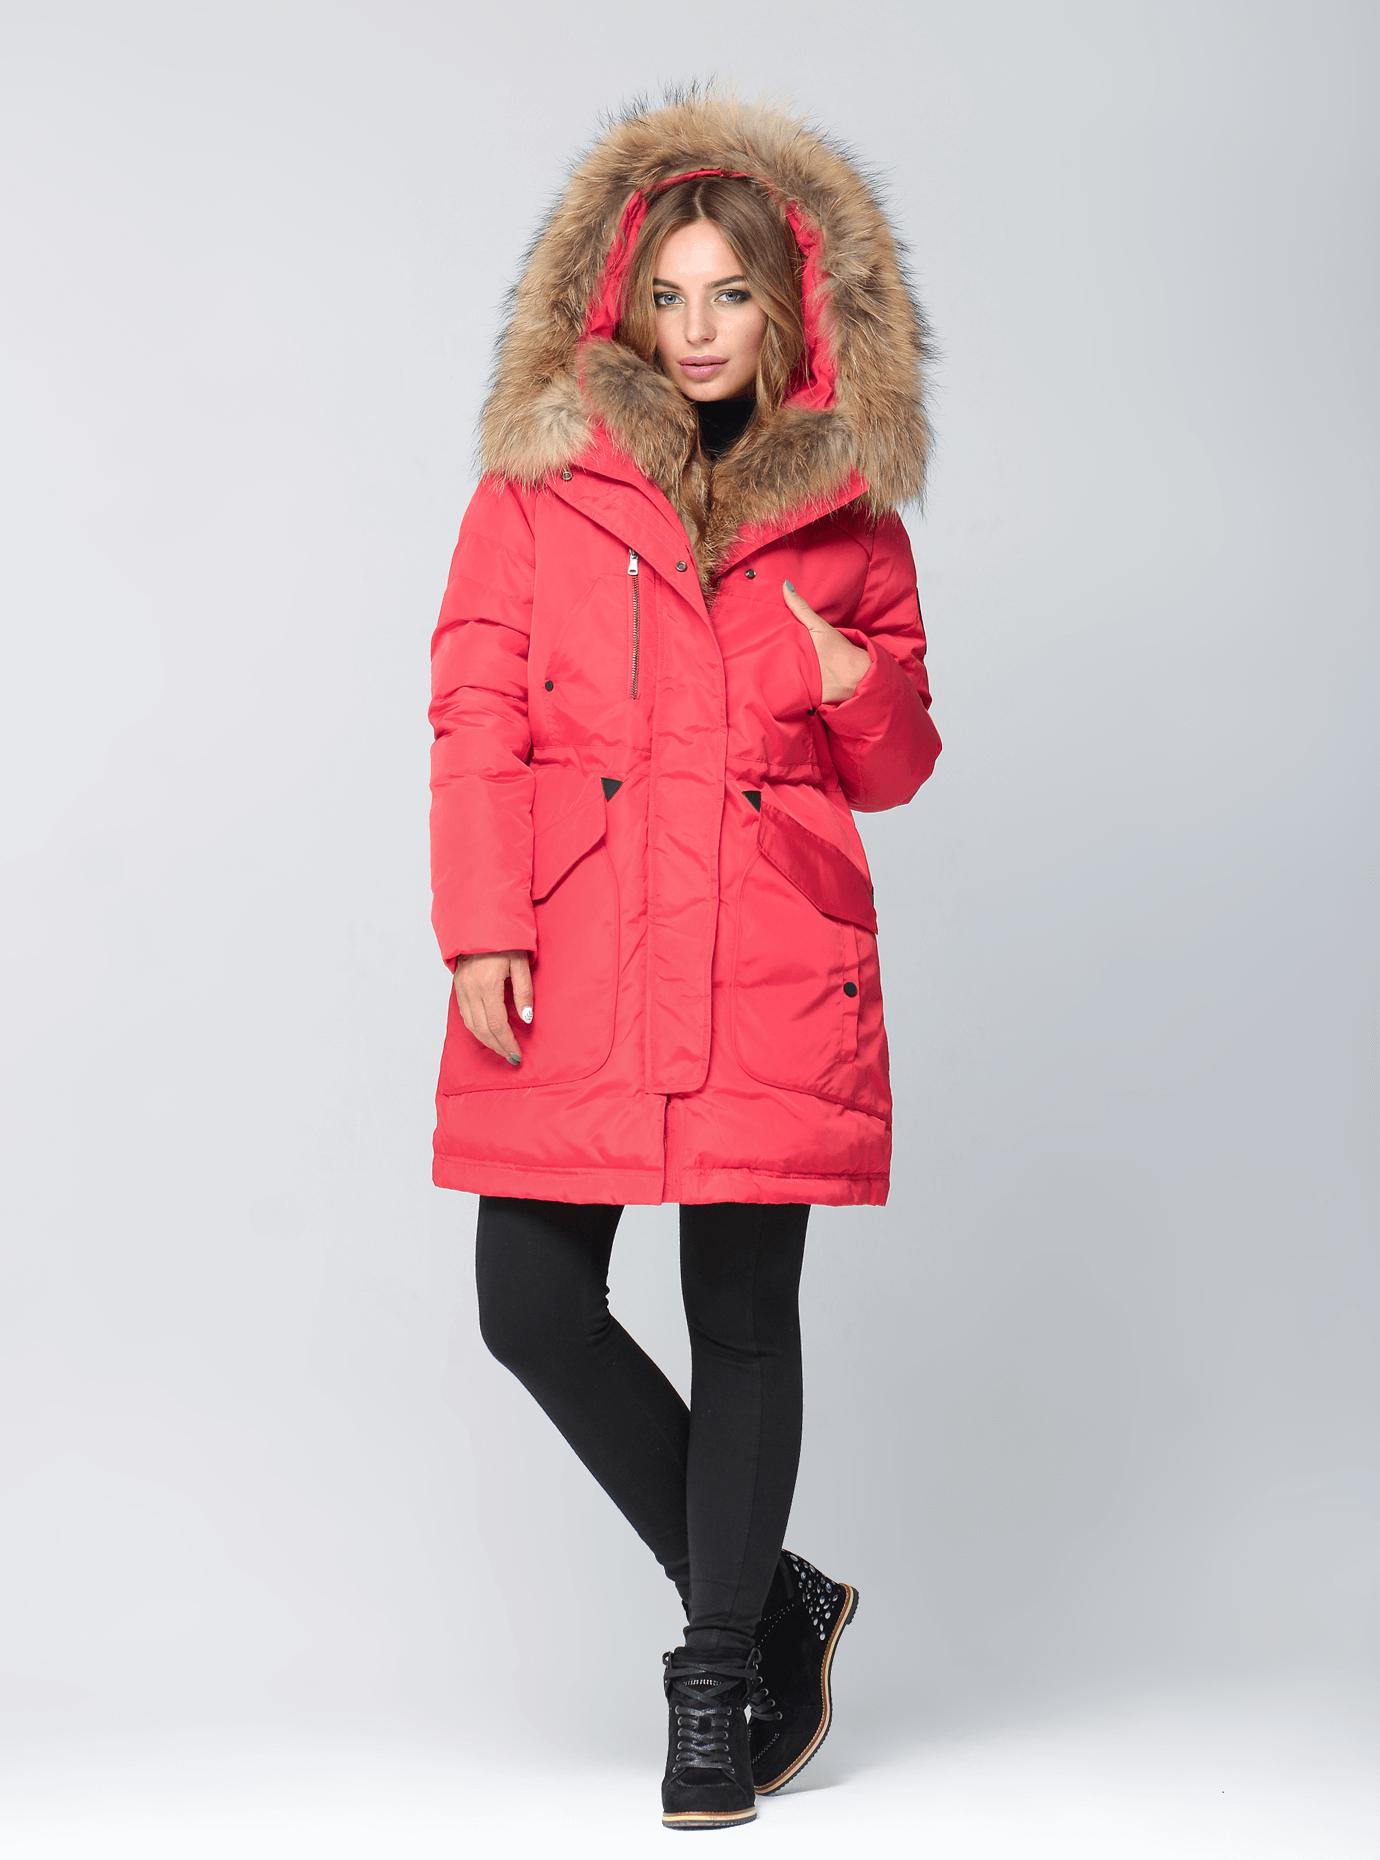 Куртка зимняя парка с мехом енота Красный S (05-ZL2600): фото - Alster.ua